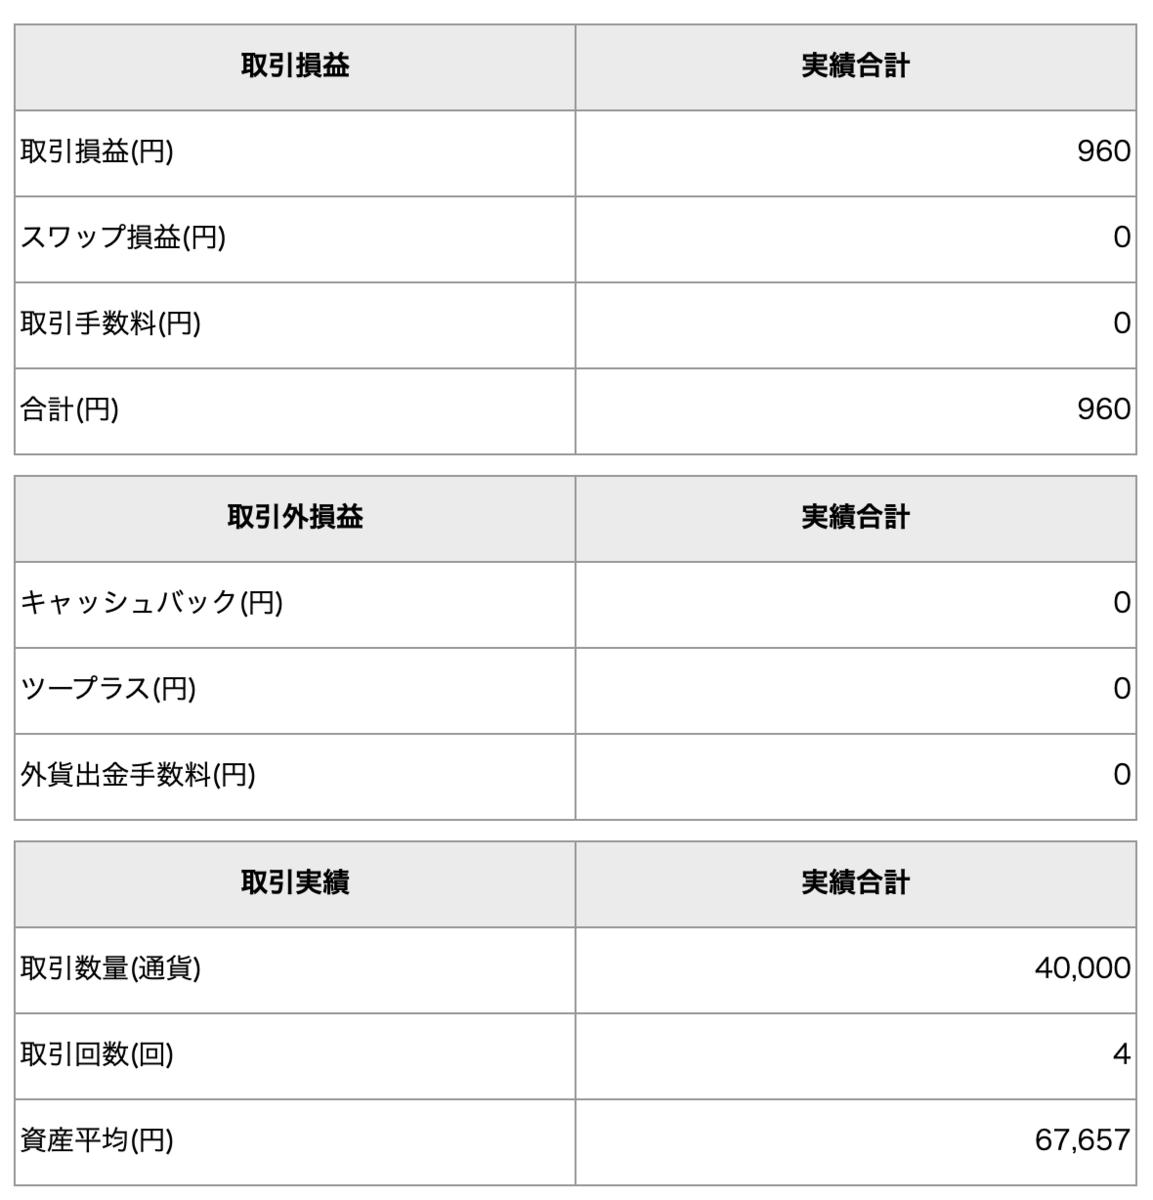 f:id:hank-fire:20210719223912p:plain